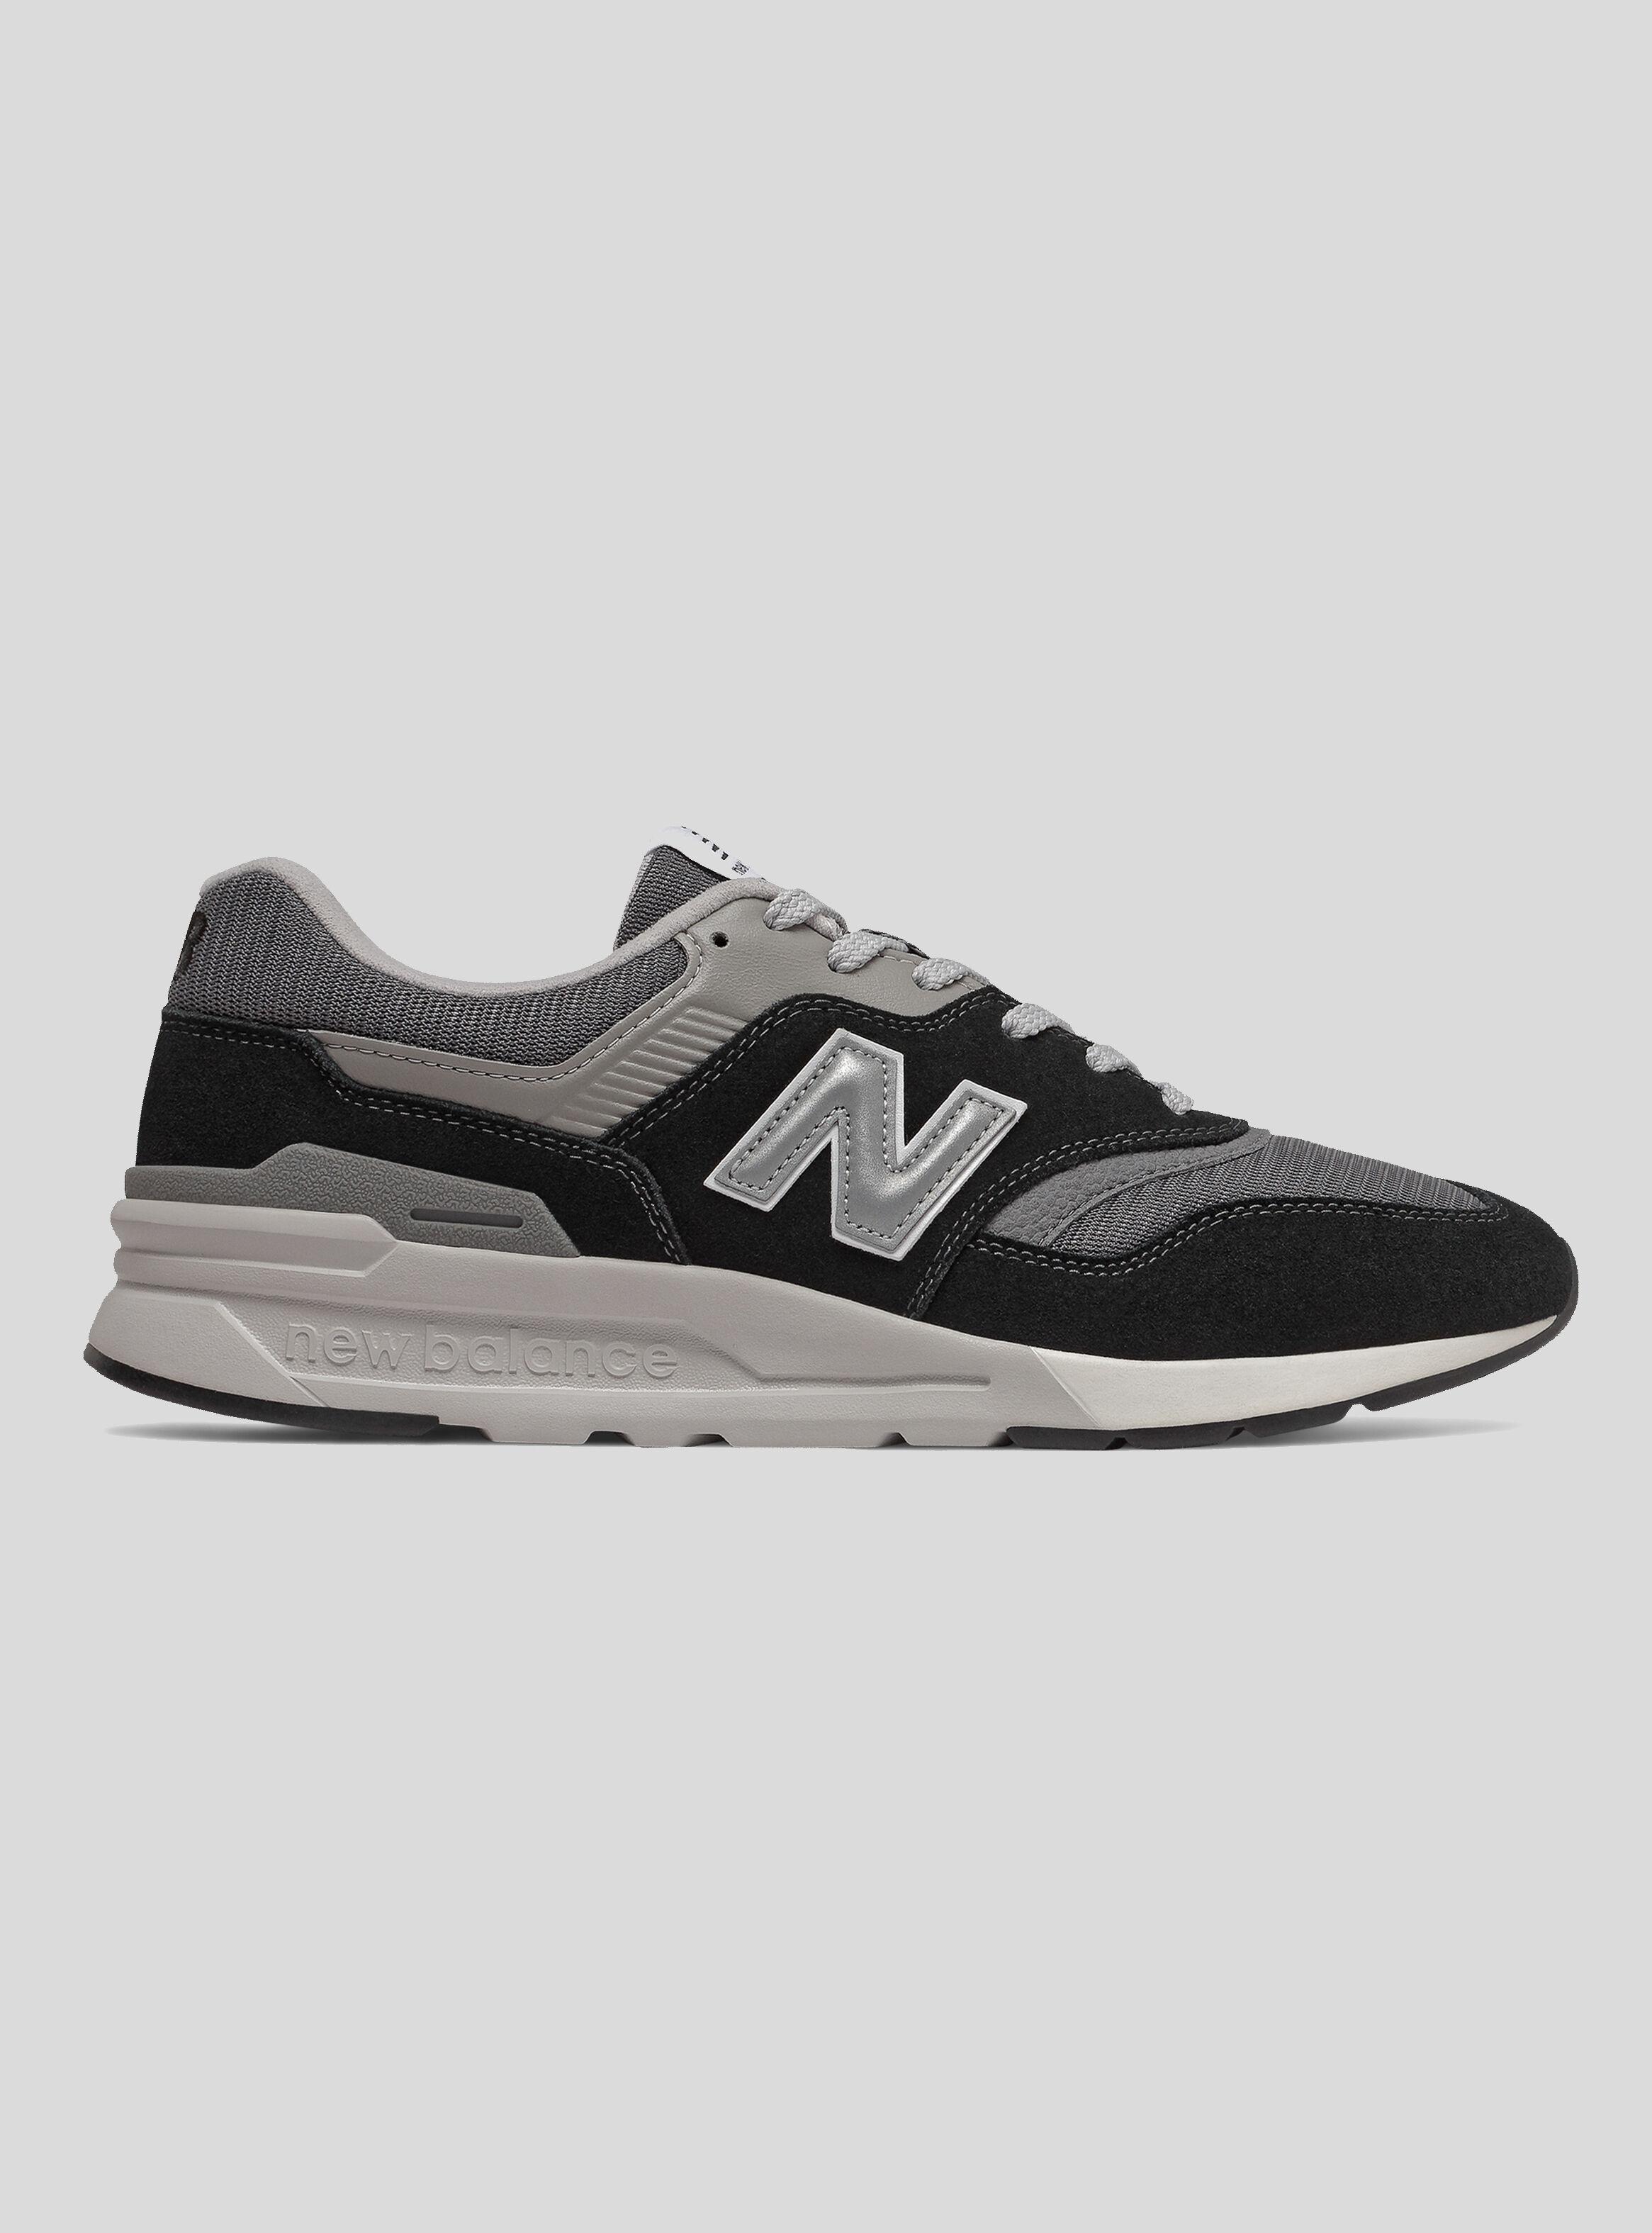 new balance 997h hombre nlancas